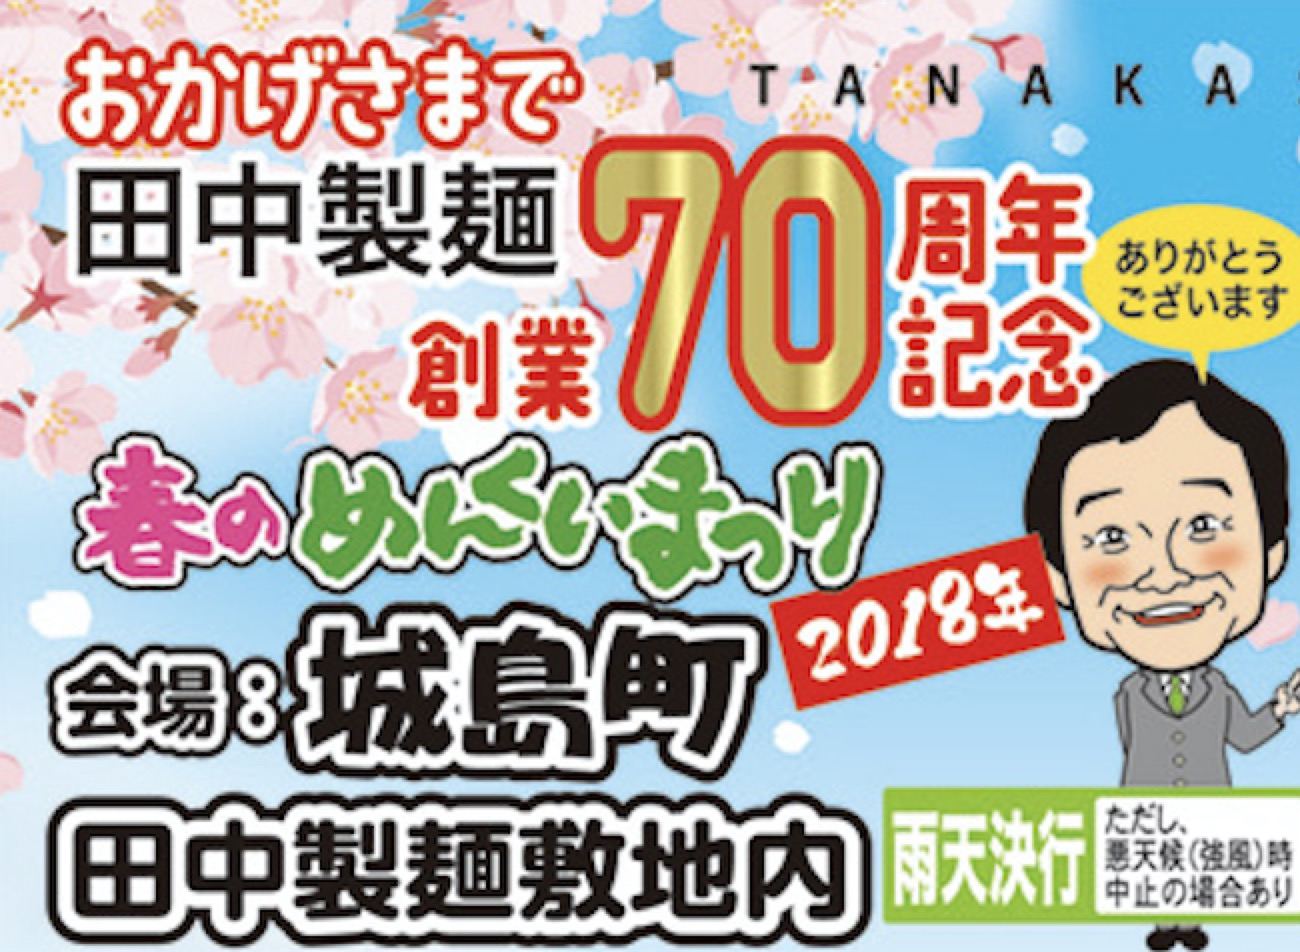 春のめんくいまつり 田中製麺 創業70周年記念 4つの試食やイベント盛りだくさん!